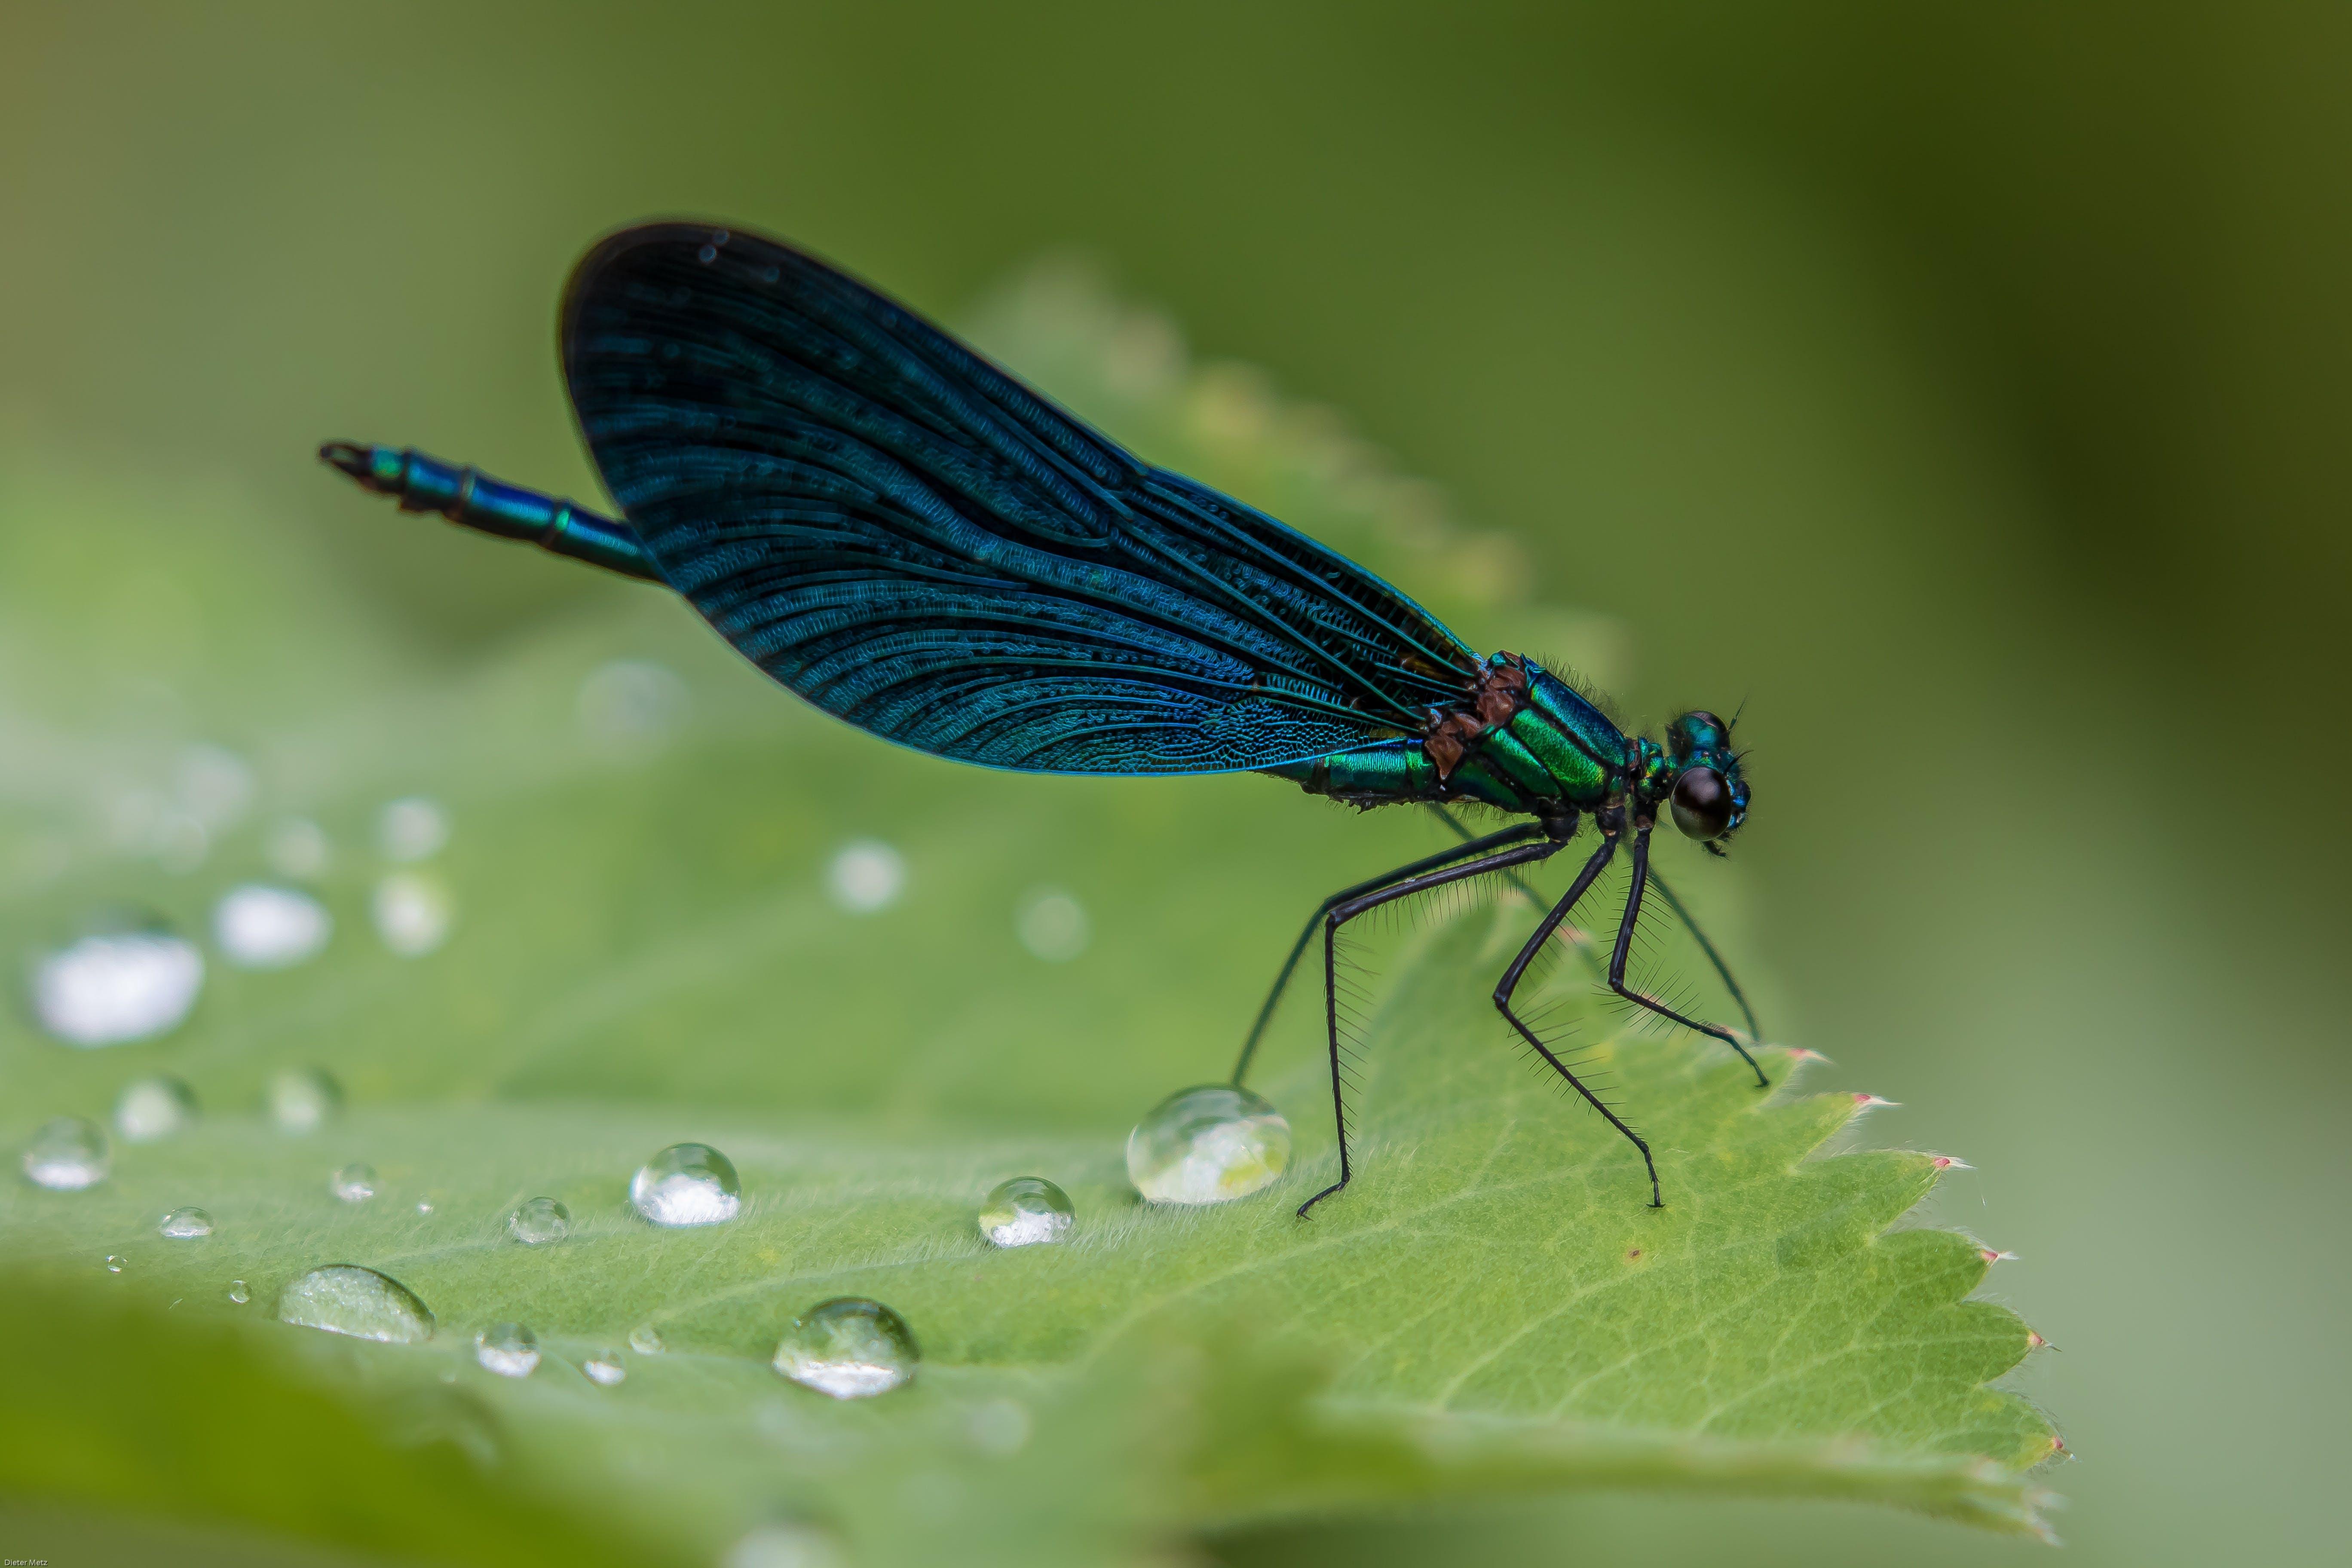 animal, biology, blue